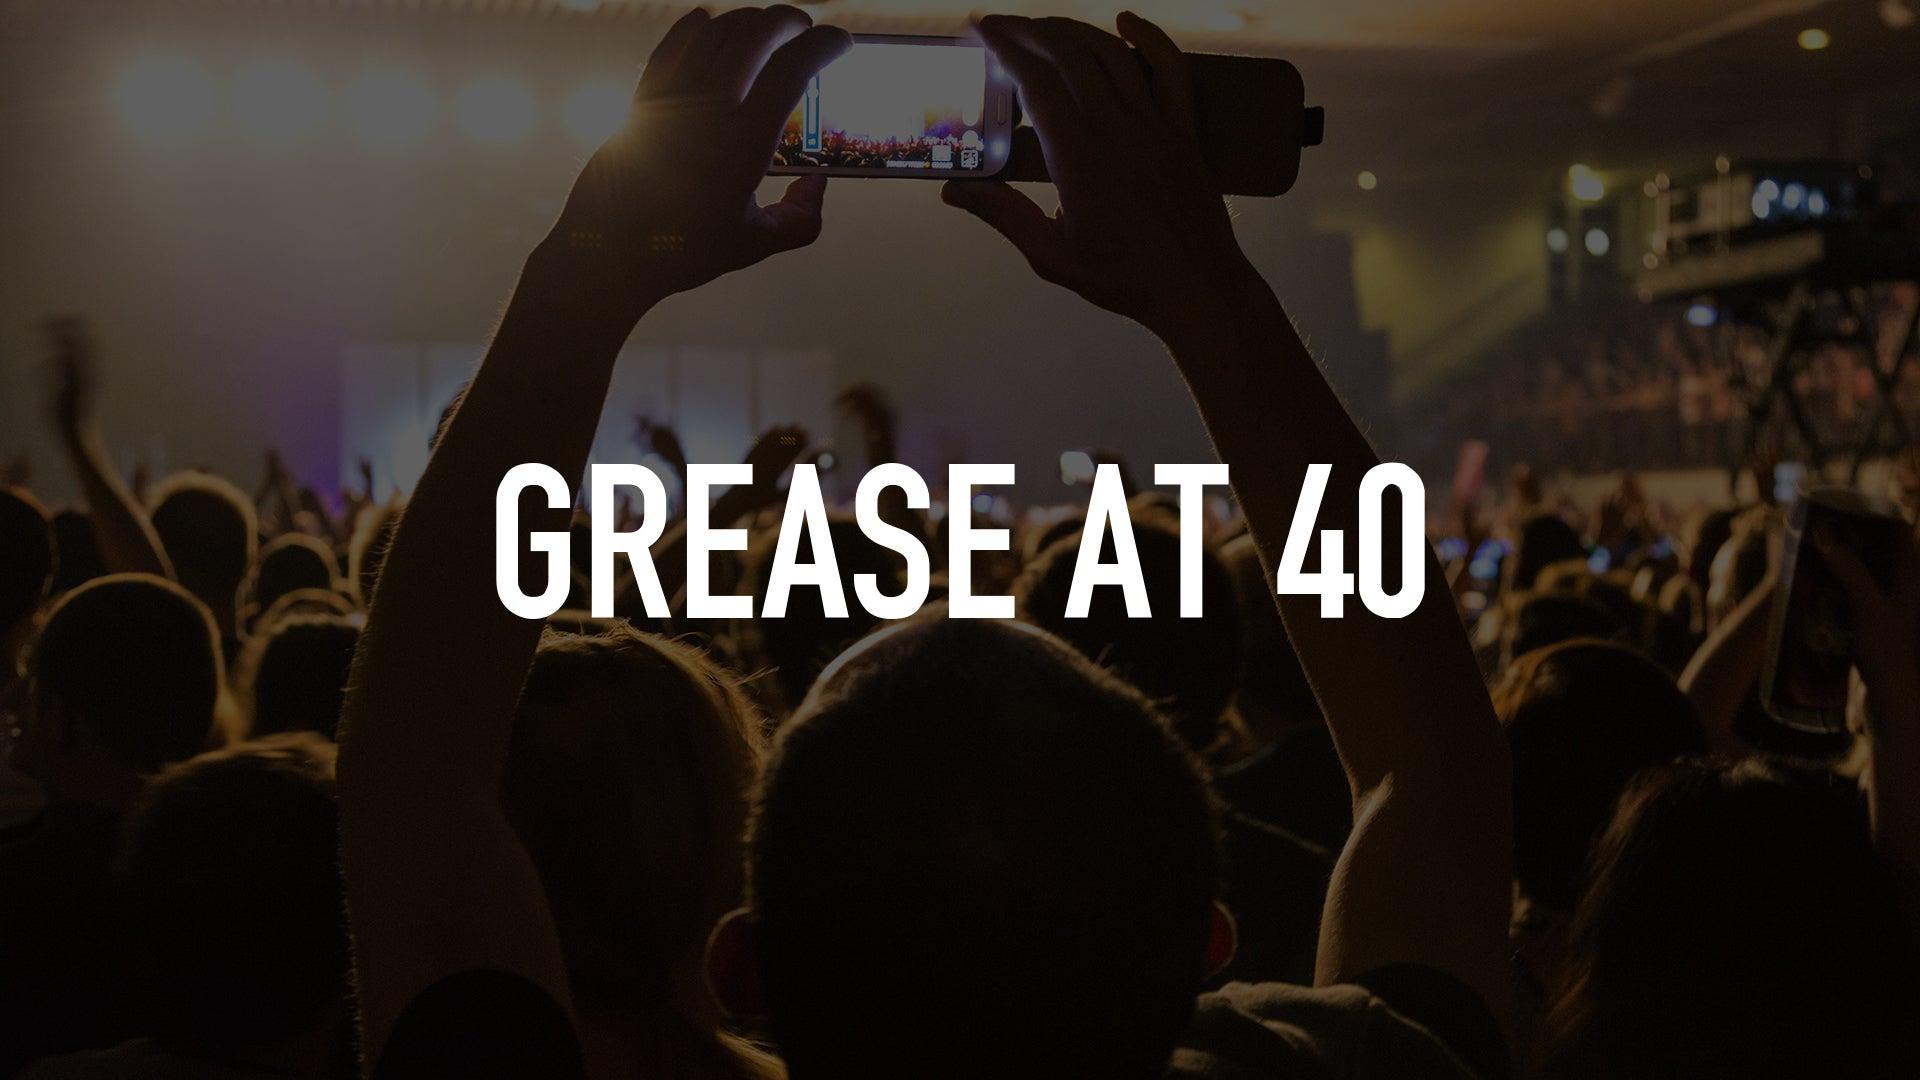 Grease at 40